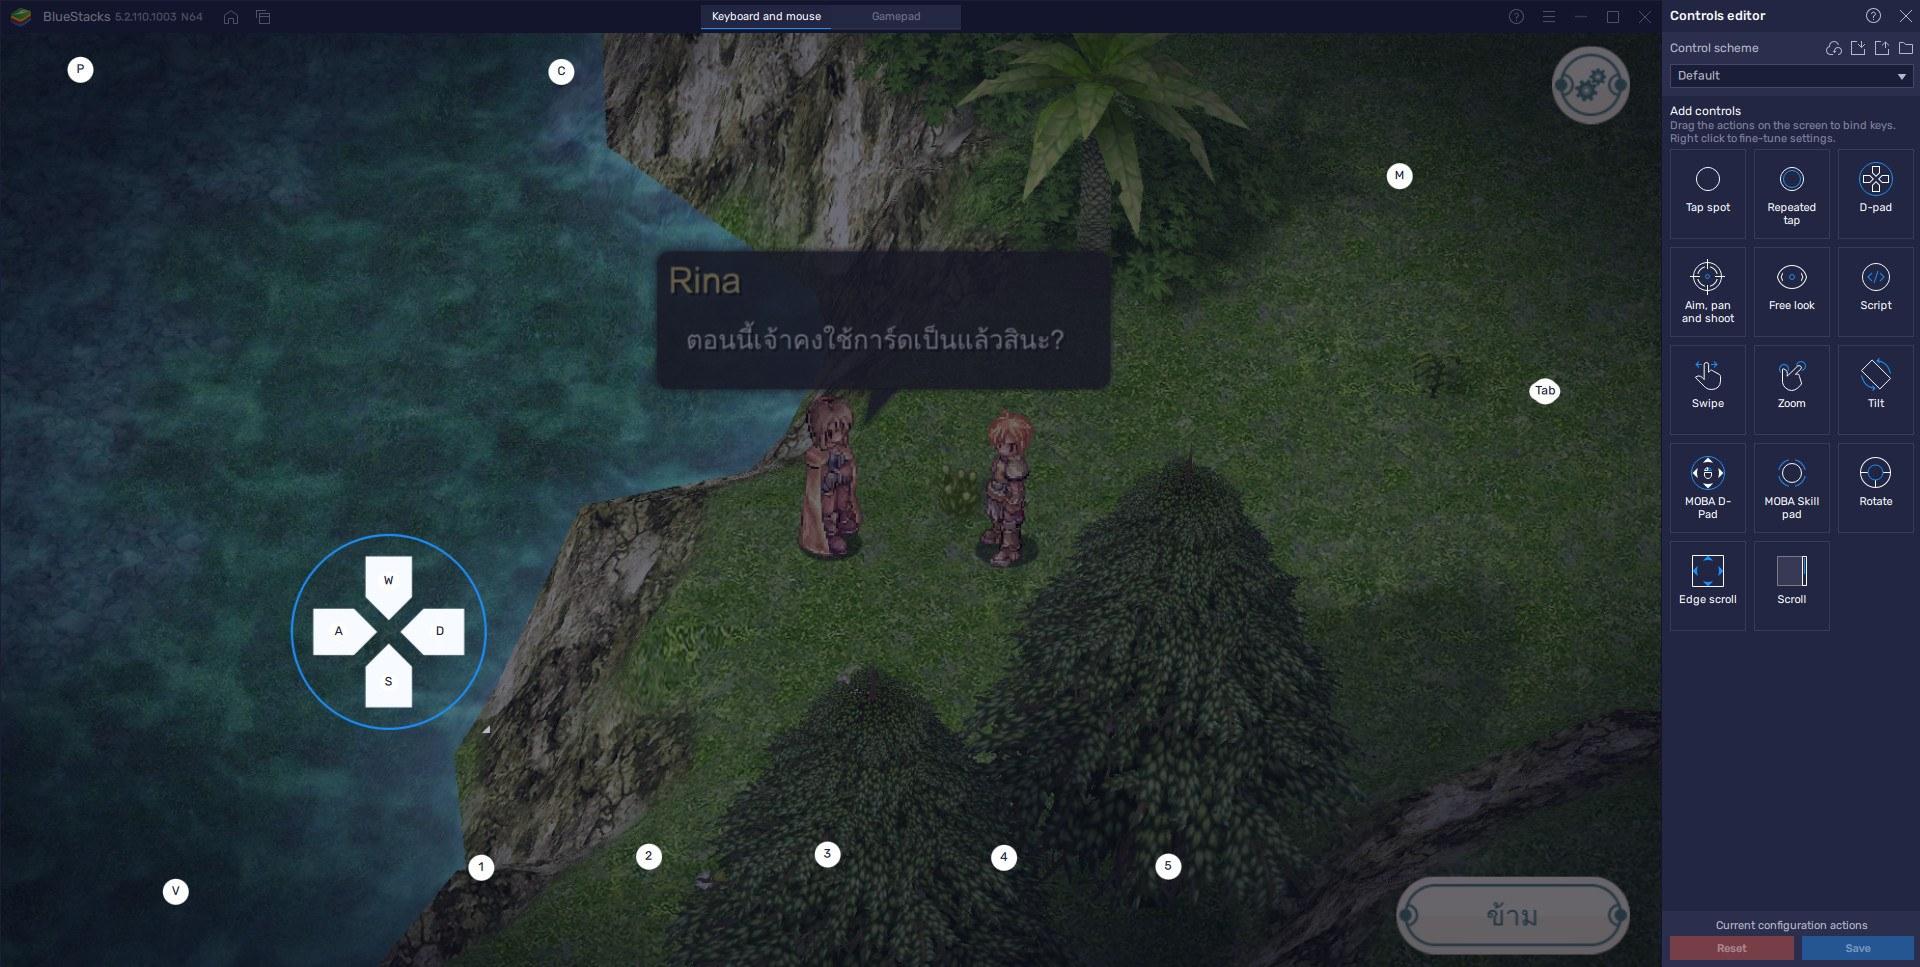 วิธีติดตั้ง The Lost Memories บน PC และ Mac ผ่าน BlueStacks